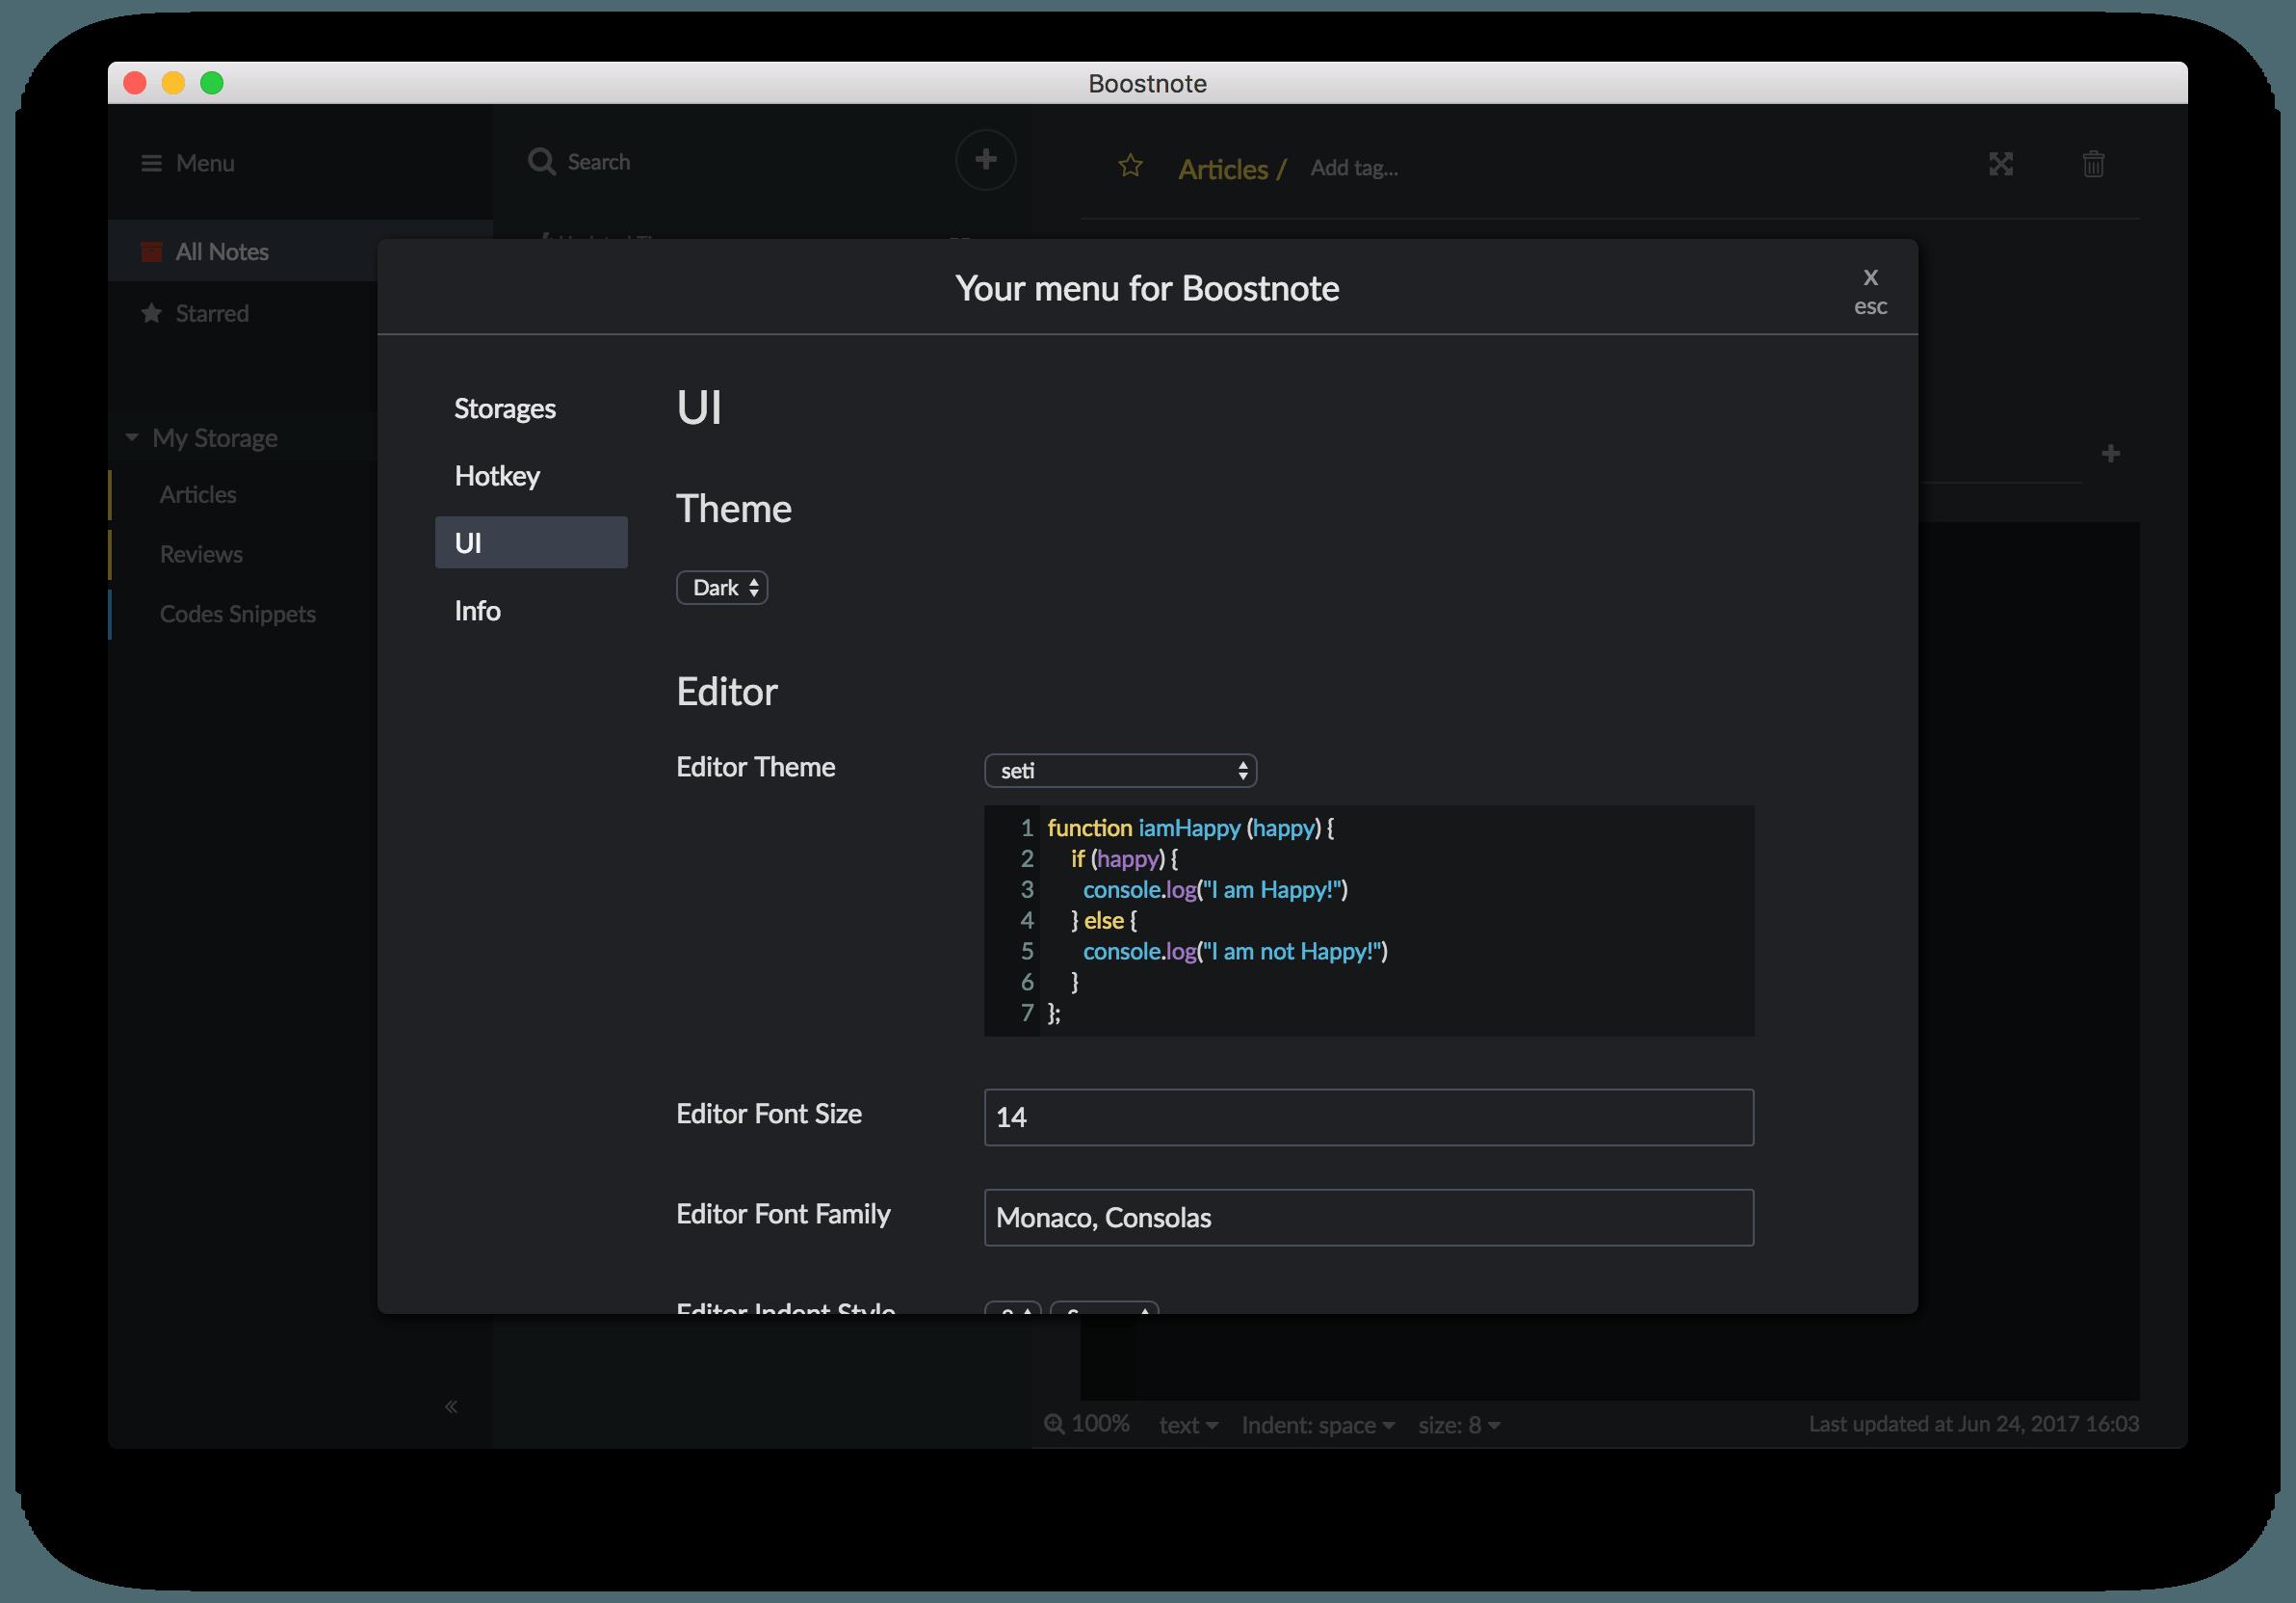 选择你的 UI 的主题